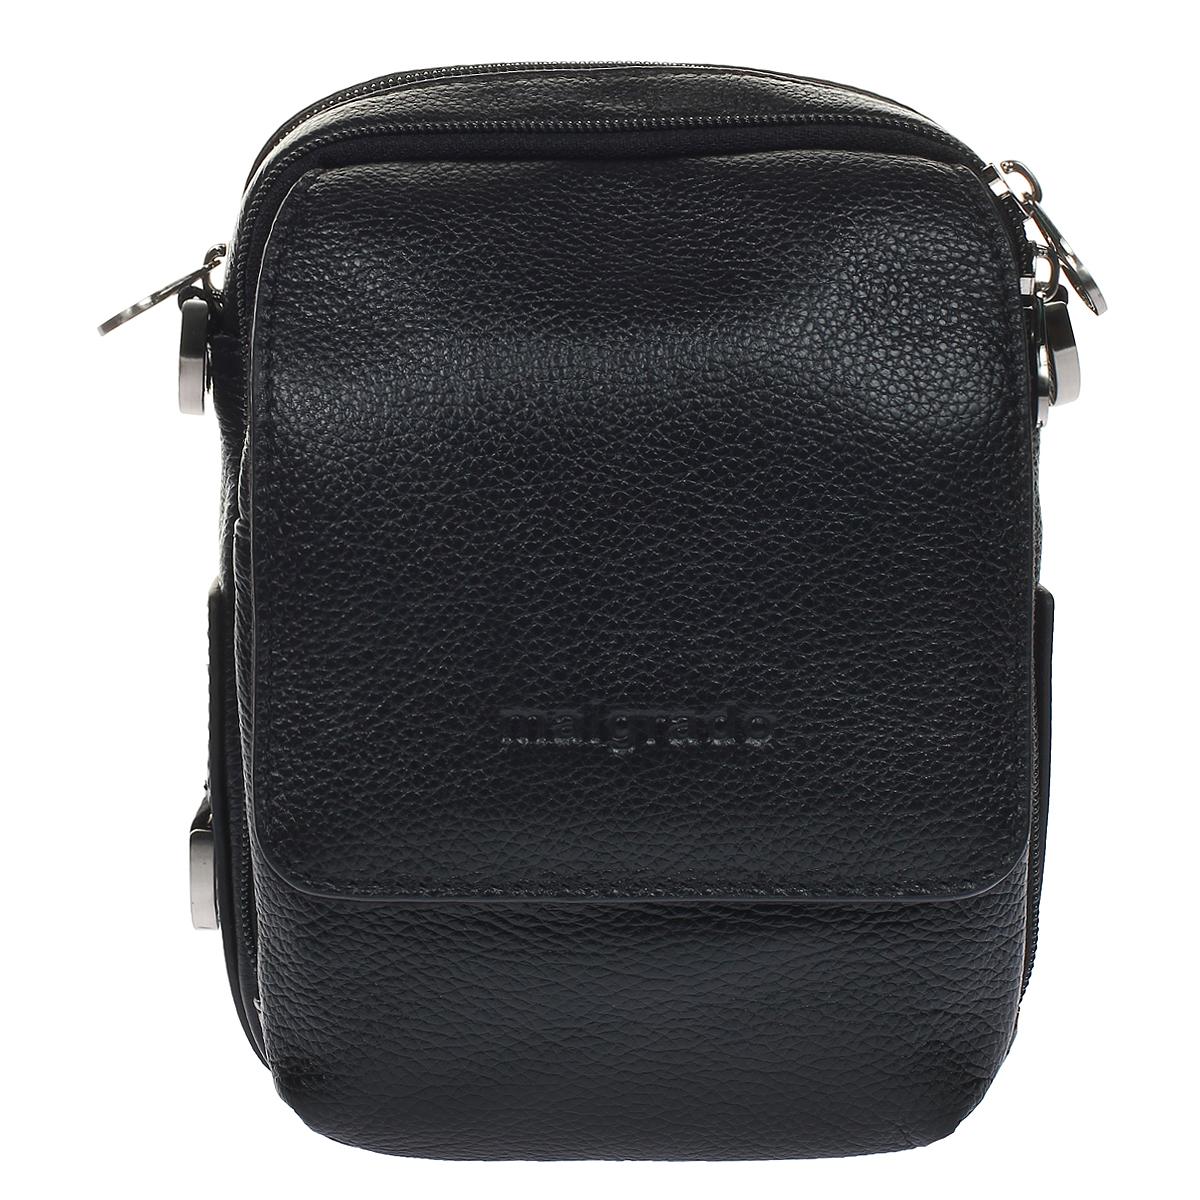 Сумка мужская Malgrado, цвет: черный. BR10-458BR10-458 blackОригинальная мужская сумка Malgrado выполнена из натуральной кожи черного цвета. Сумка имеет два отделения, закрывающиеся на застежку-молнию. В первом отделении имеется открытый кармашек. Во втором - два накладных кармана, одно отделение для пишущих принадлежностей и открытый карман. На передней сторону сумки имеется дополнительный карман, который закрывается на застежку-молнию и клапаном на магнитную кнопку. На задней стороне имеется крепления, с помощью которых можно носит сумку на ремне. В комплекте плечевой текстильный ремень и чехол для хранения.